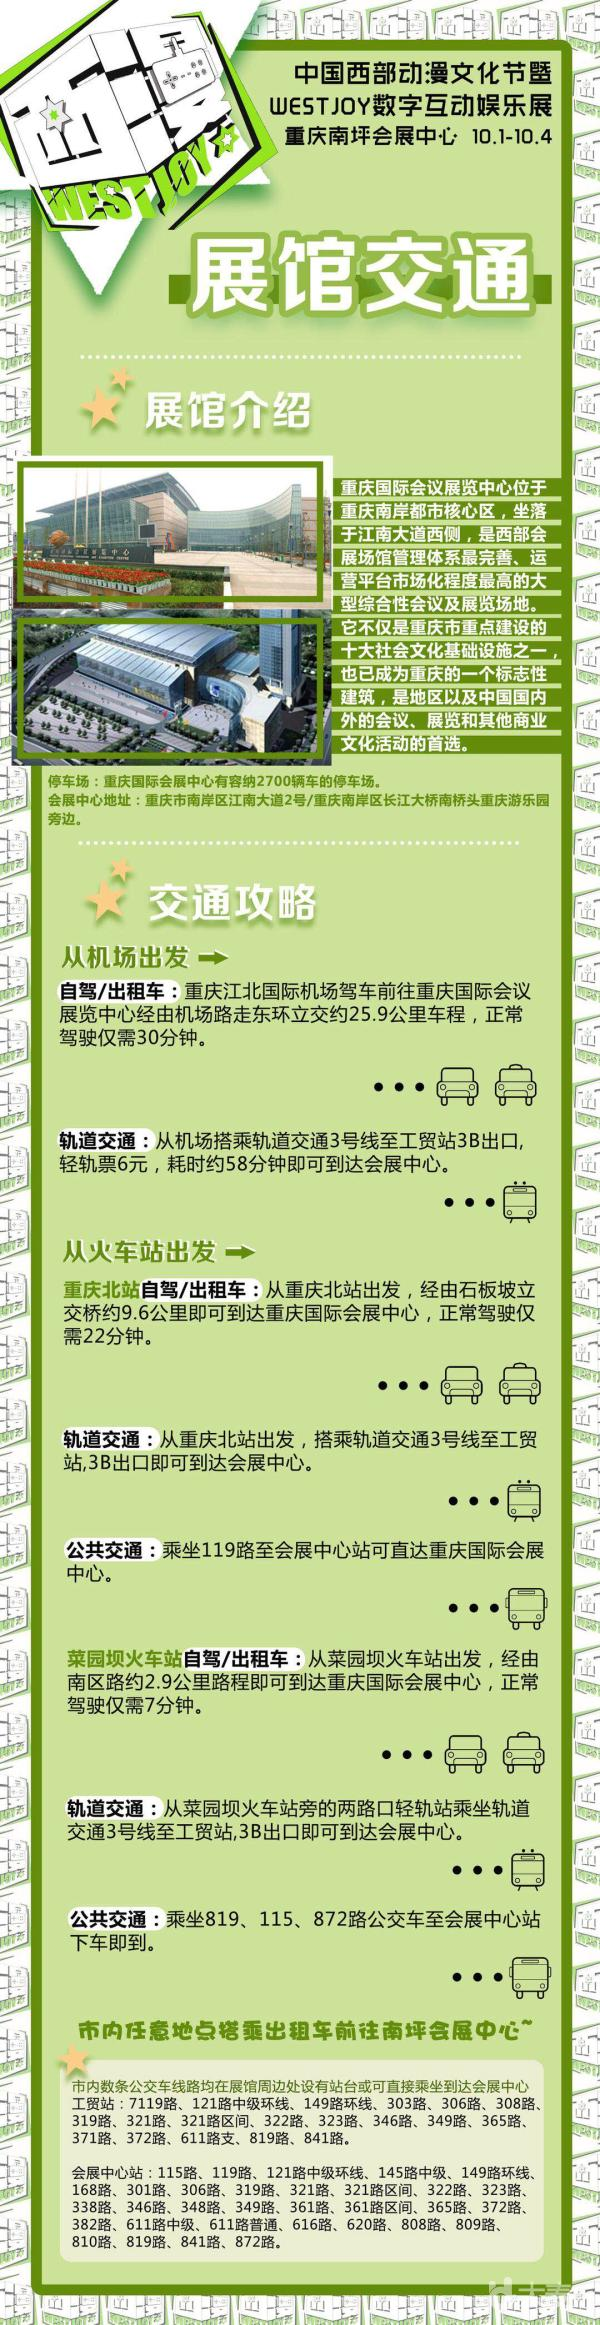 2018年重庆国庆节游玩活动汇总(持续更新)